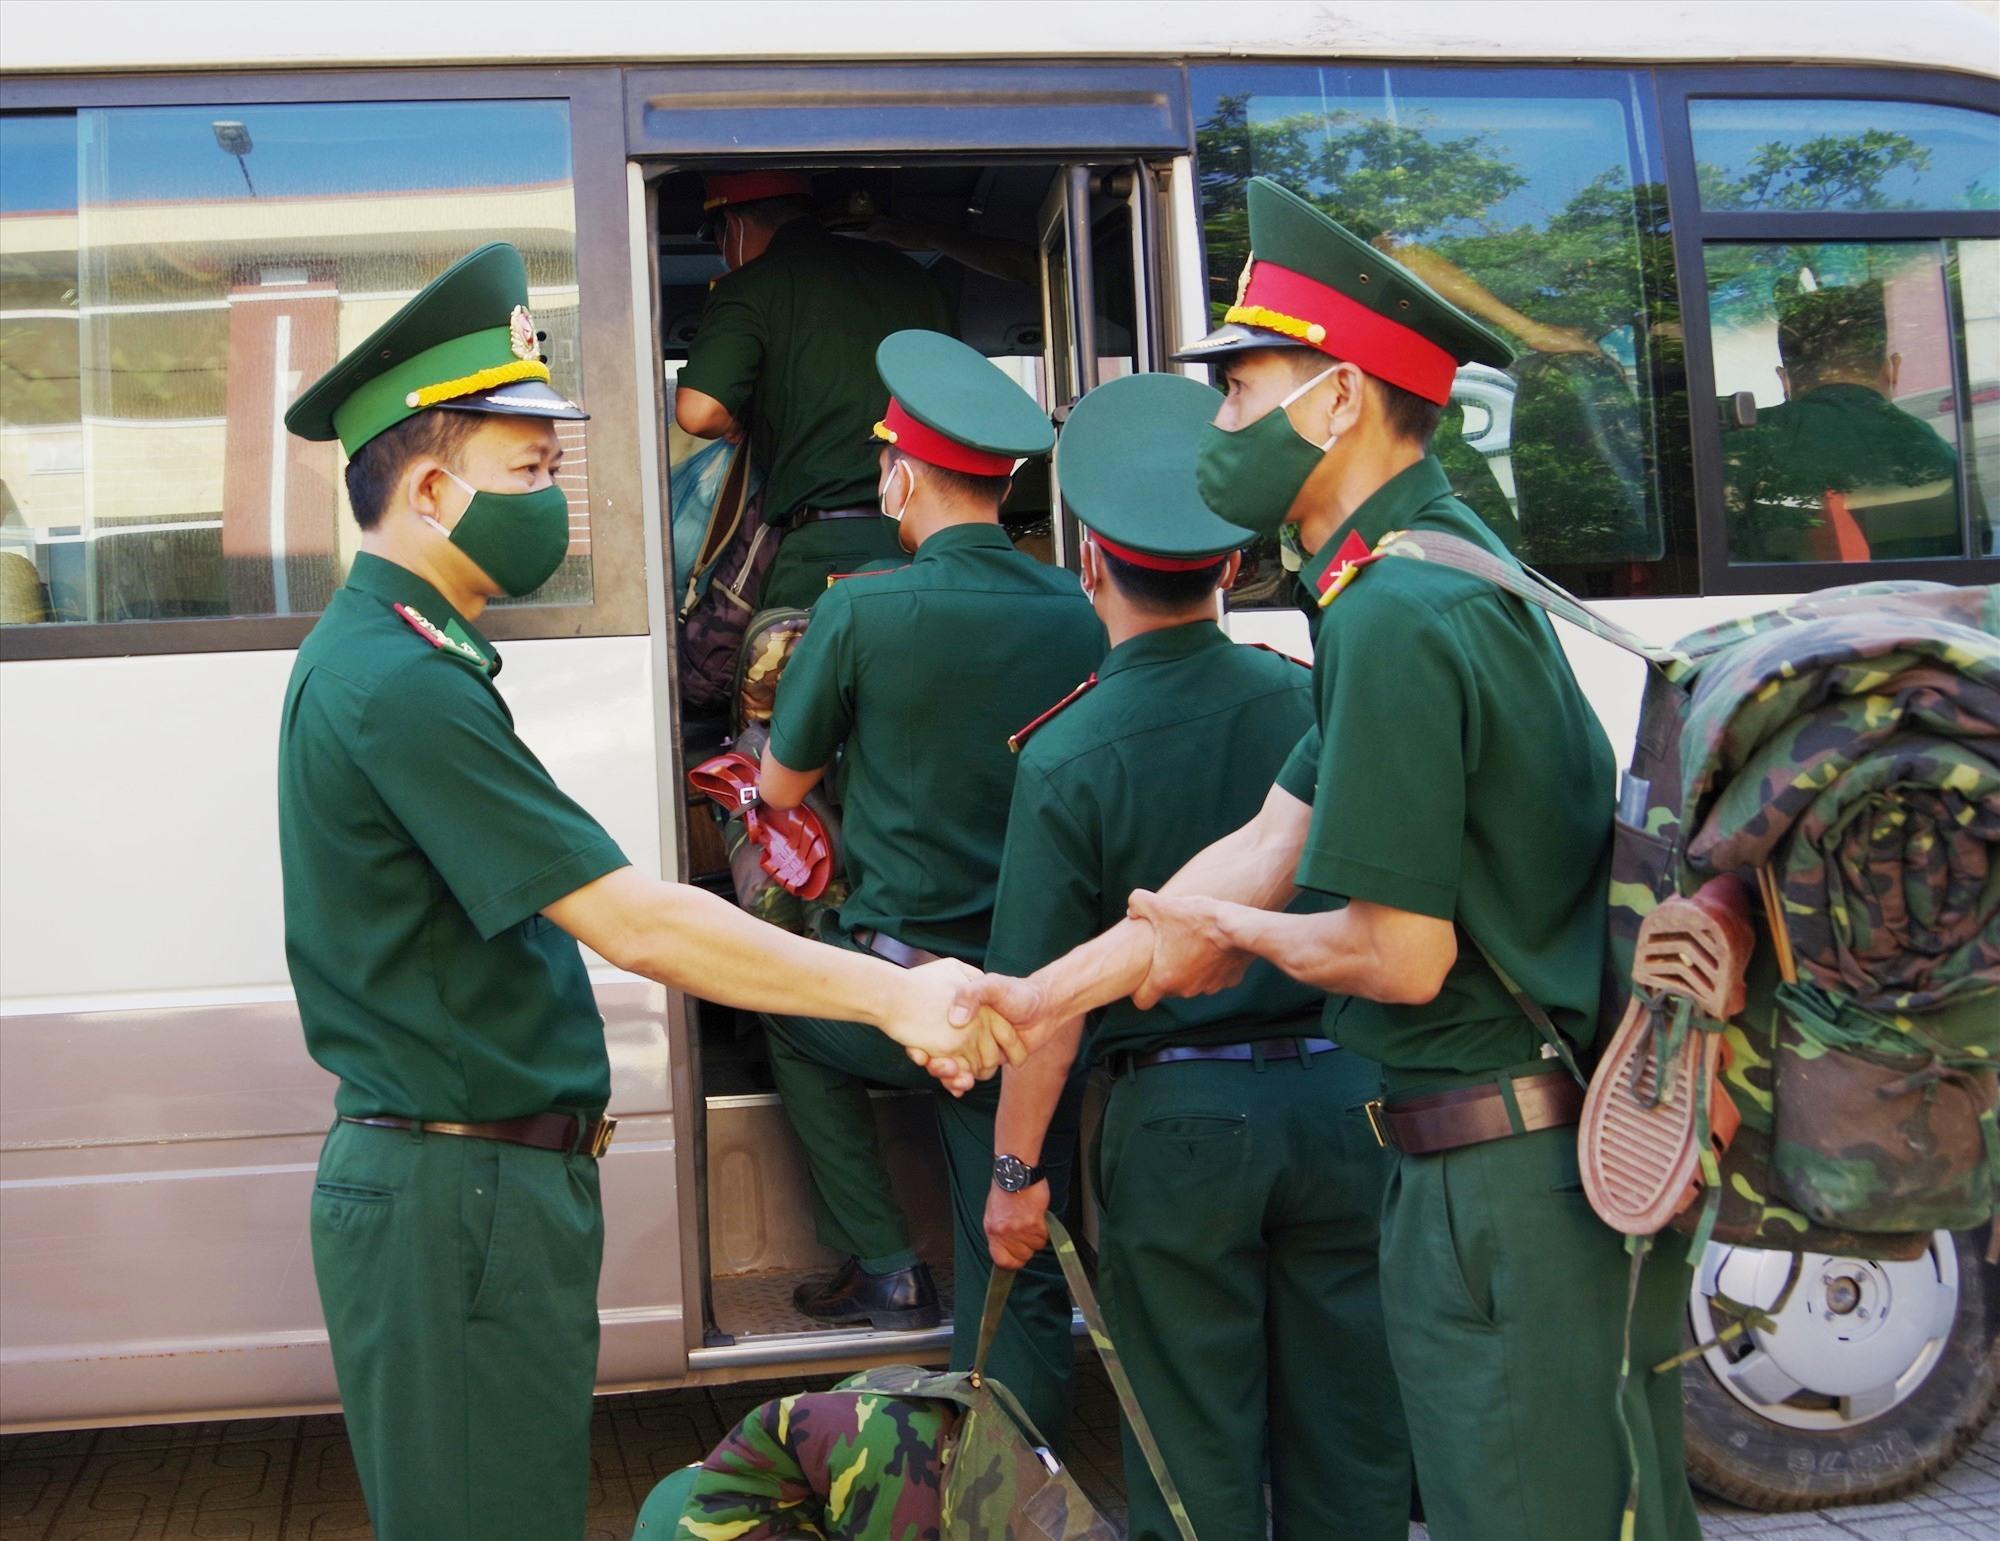 Đại tá Trần Tiến Hiền - Phó chỉ huy trưởng BĐBP tỉnh tiễn đưa lực lượng làm nhiệm vụ lên xe,. Ảnh: HỒNG ANH